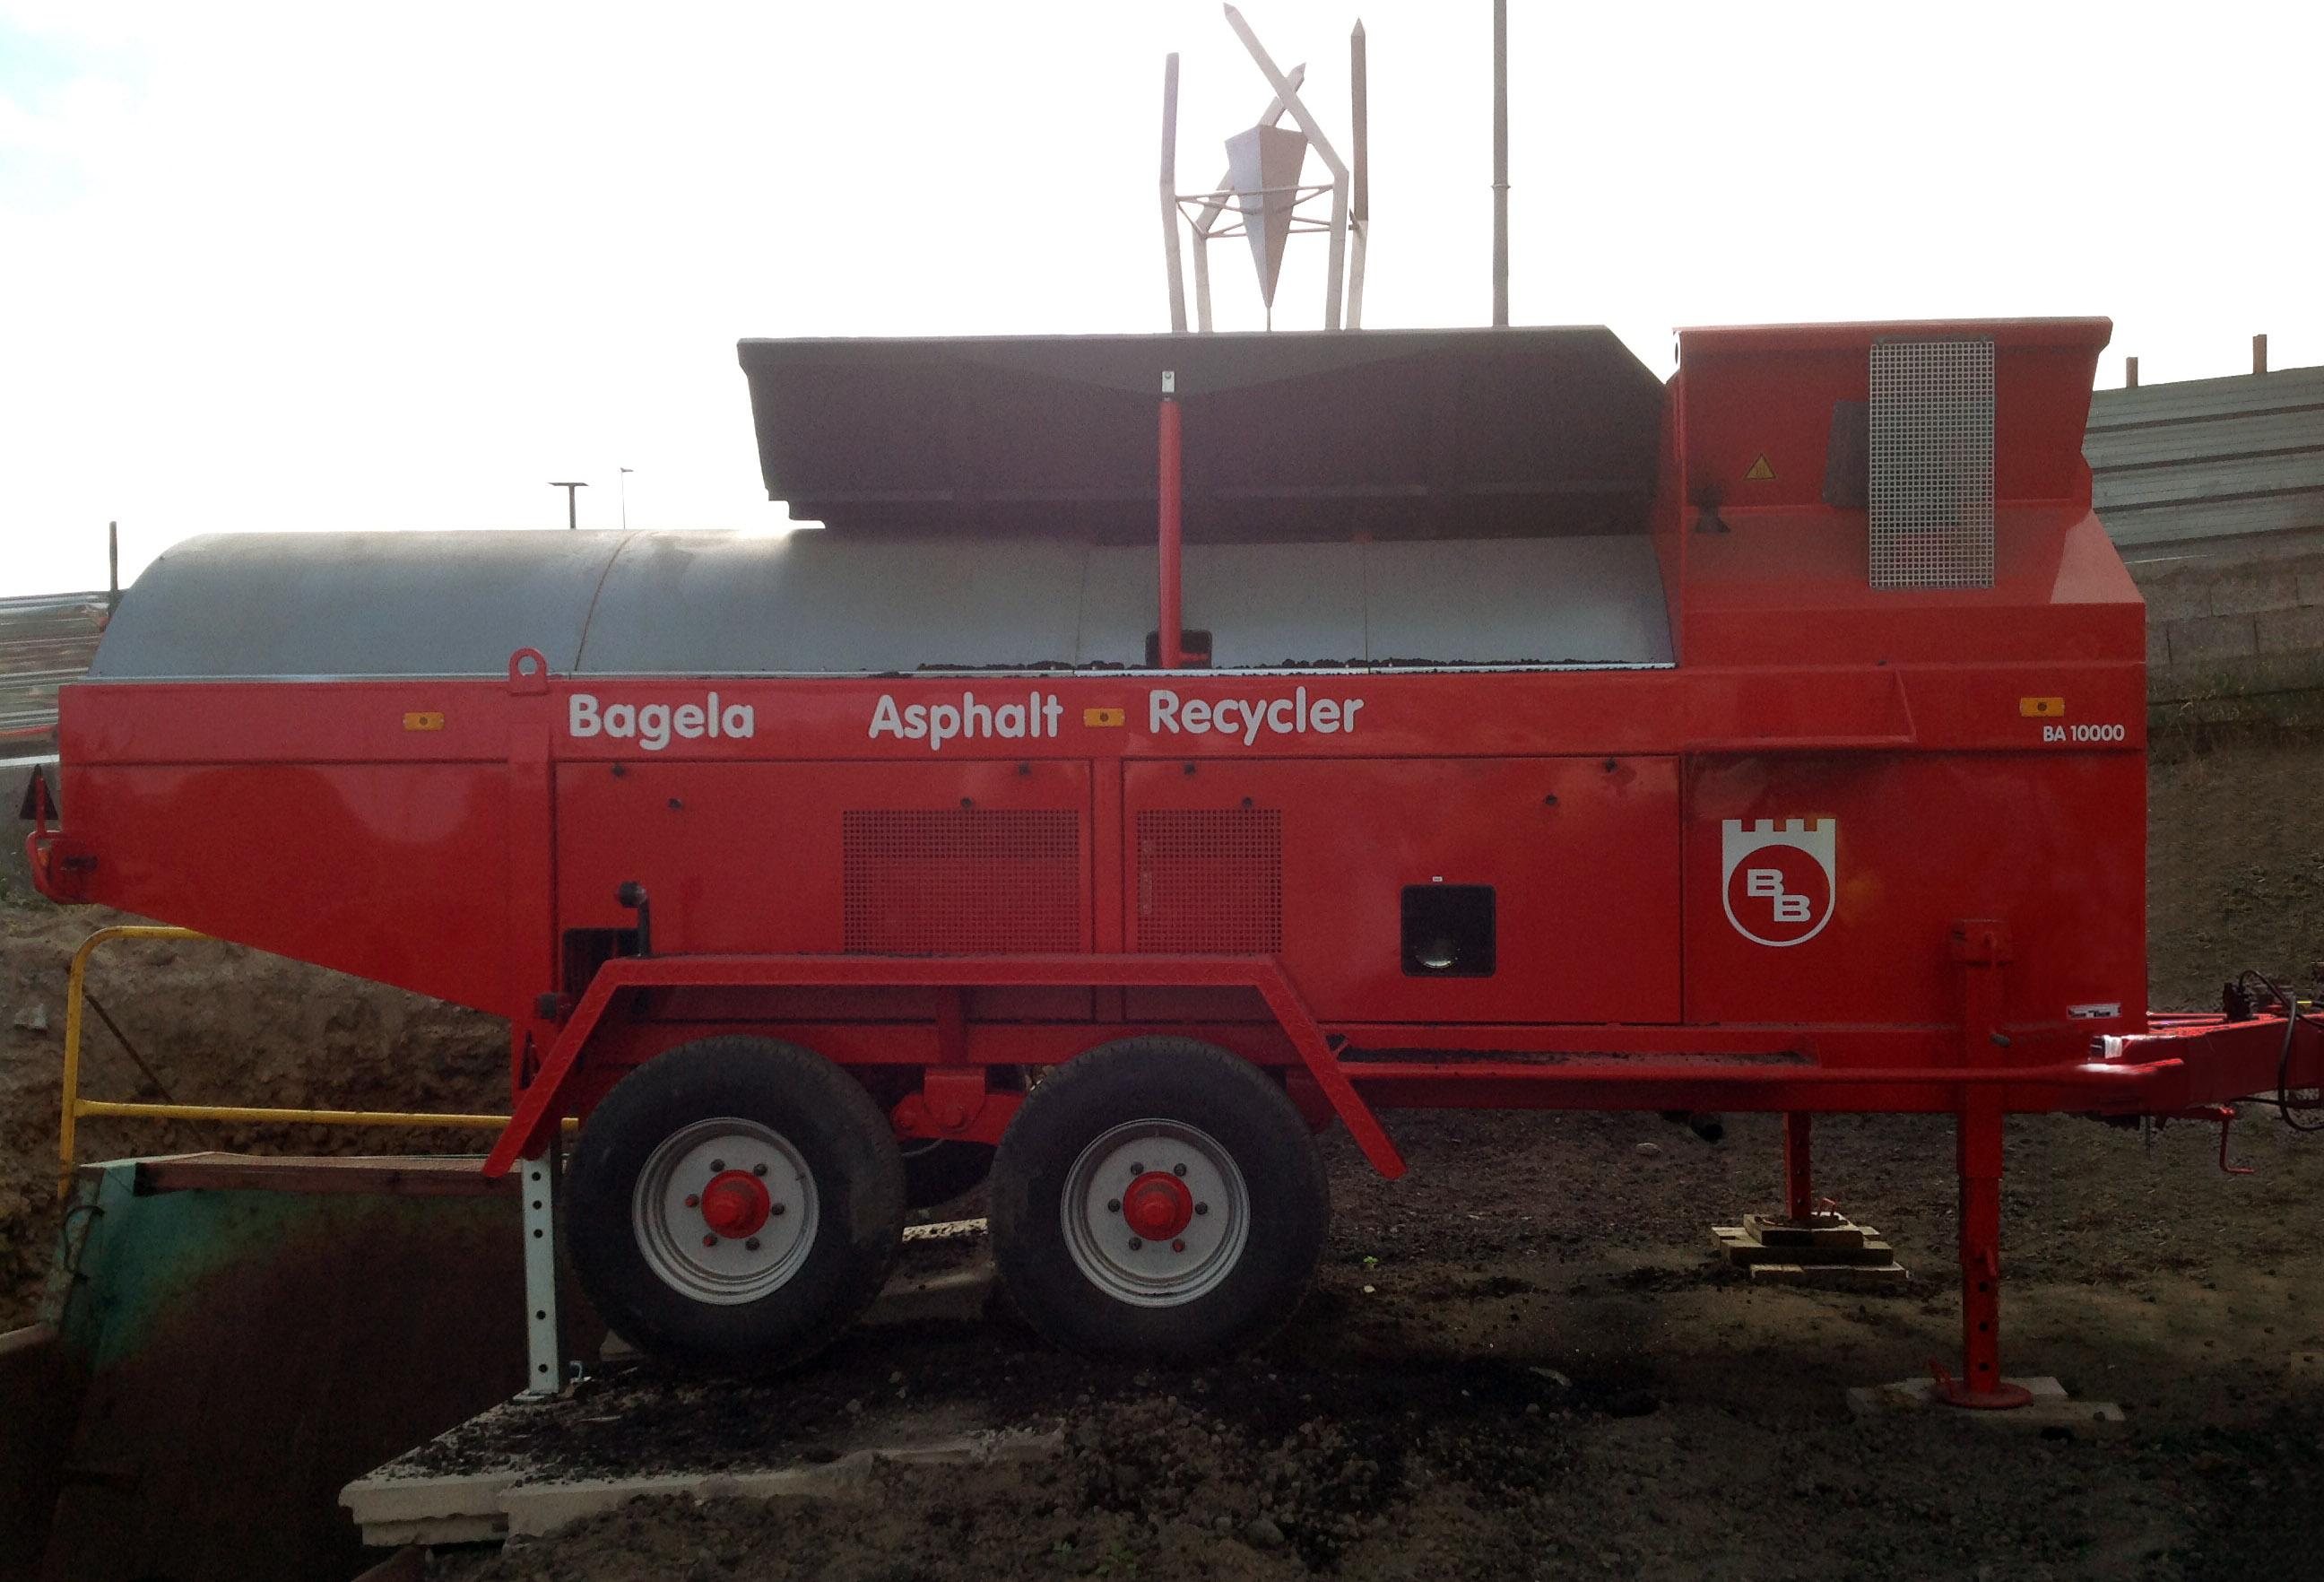 recicladora de asfalto bagela Modelo BA 10000